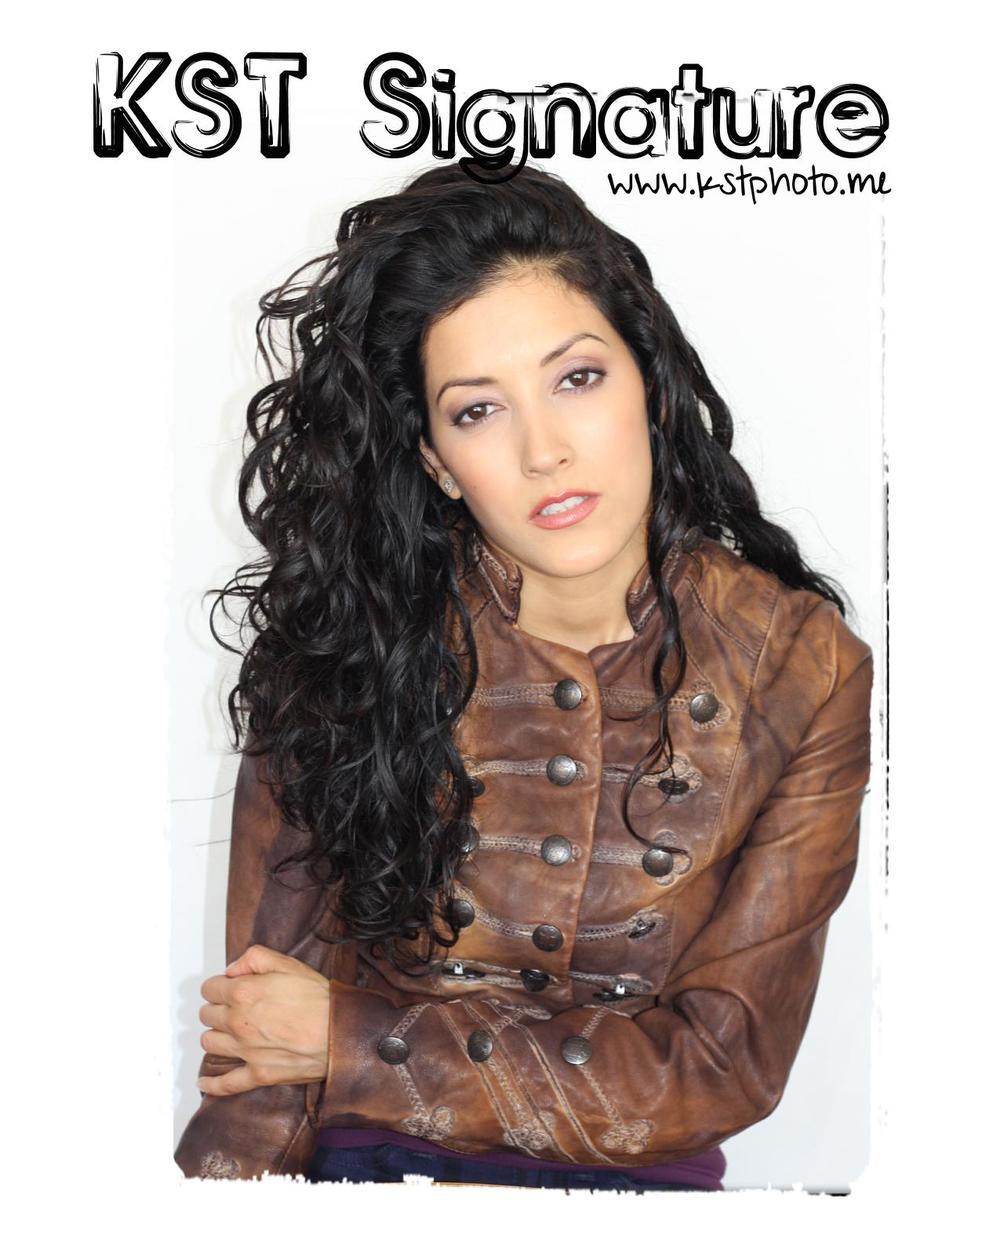 Model / Actress Pamela Marie for KST